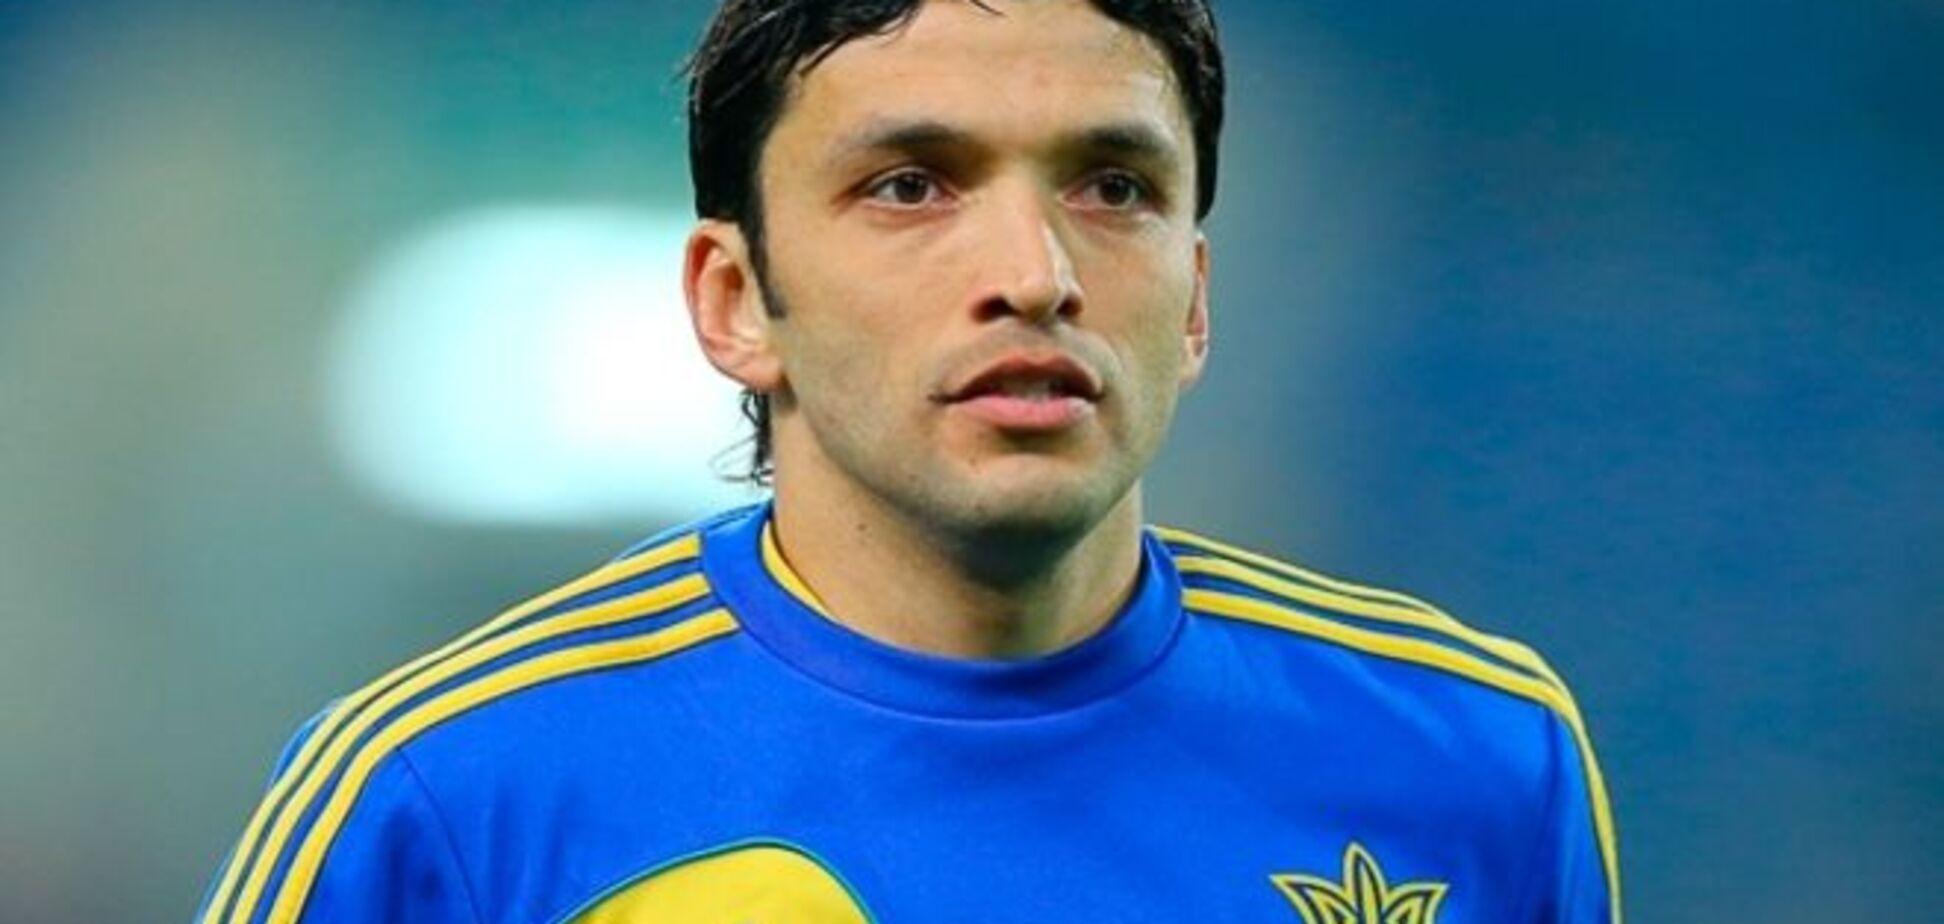 Футболист сборной Украины: после 4-й рюмки водки не чувствовал ног